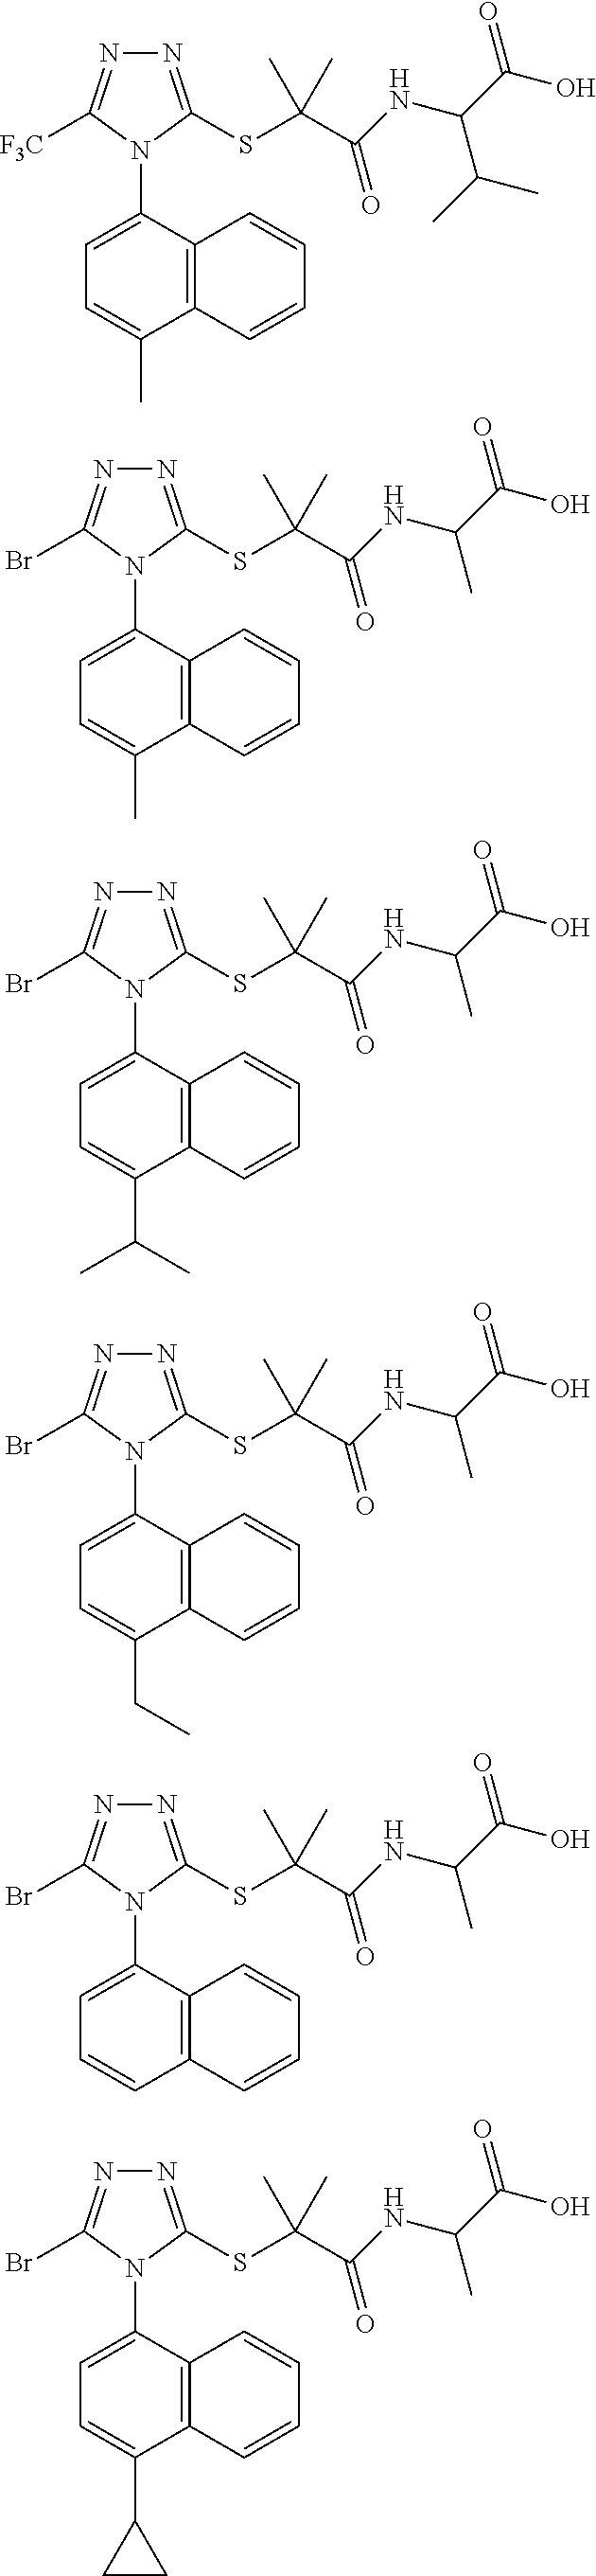 Figure US08283369-20121009-C00044